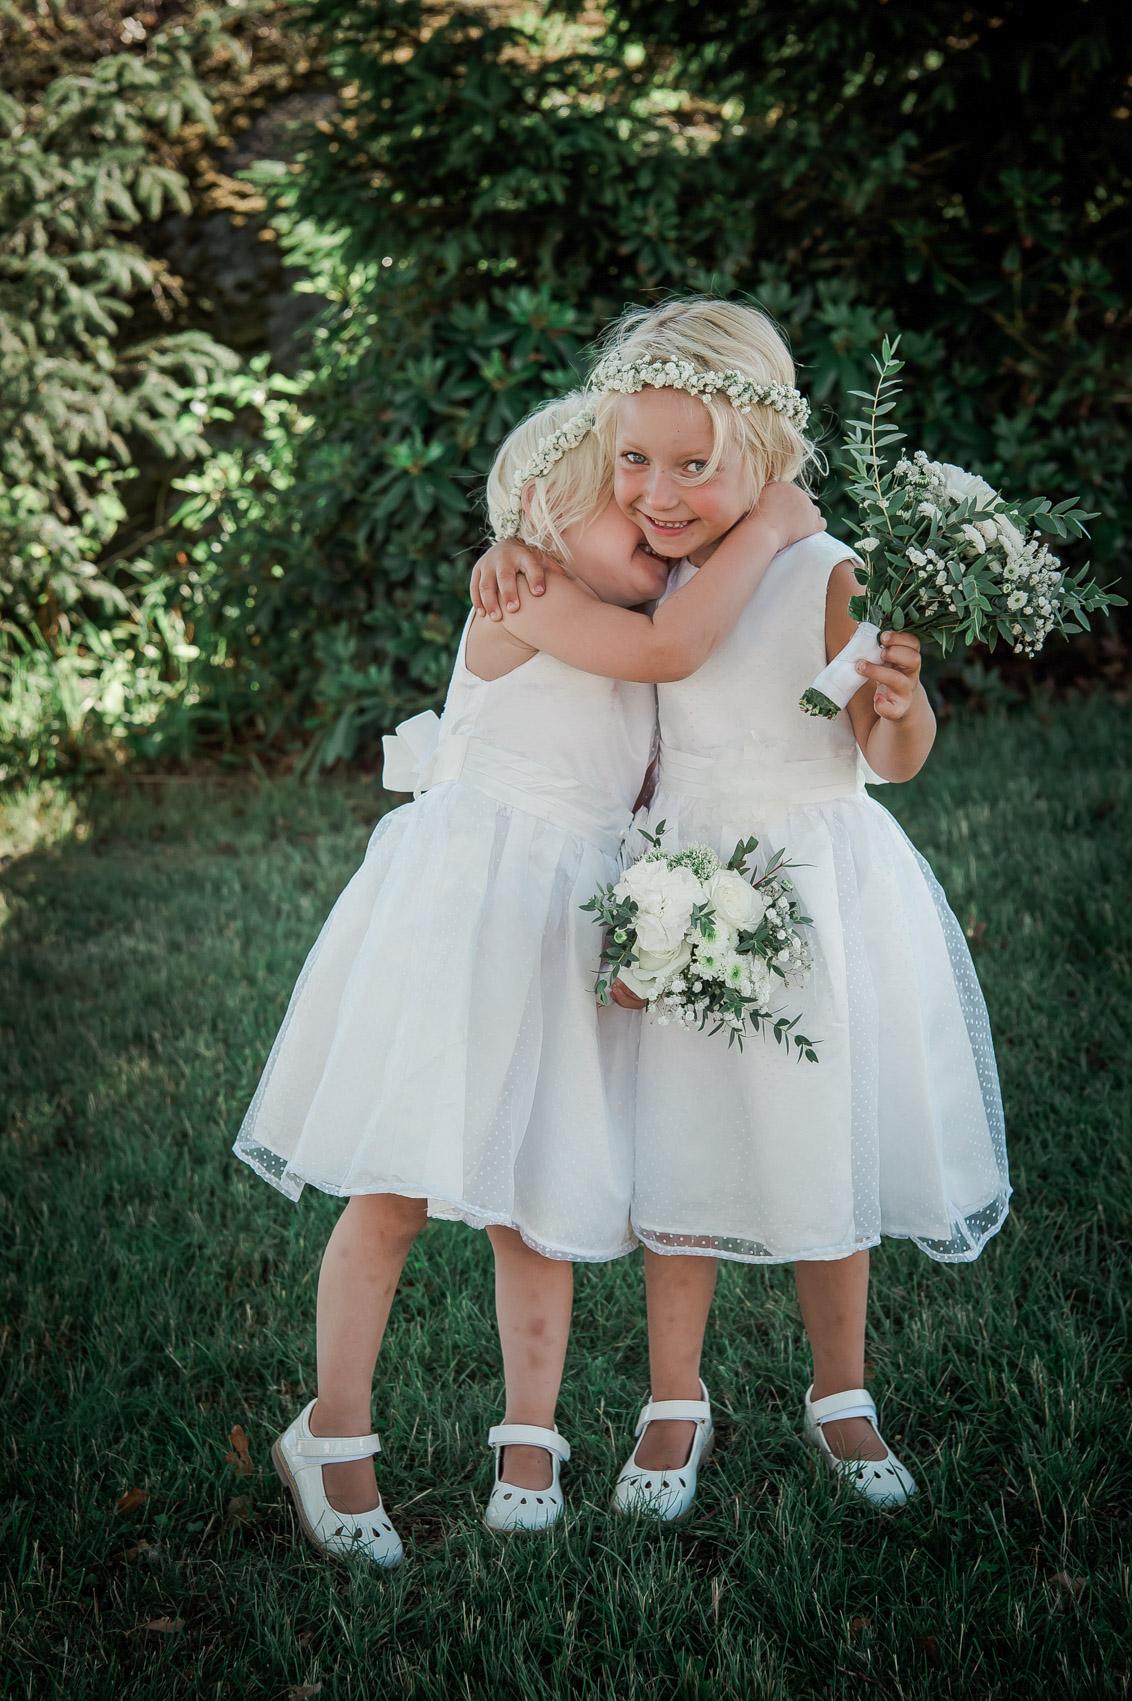 fotograf-tønsberg-bryllup-bryllupsfotograf-11.jpg